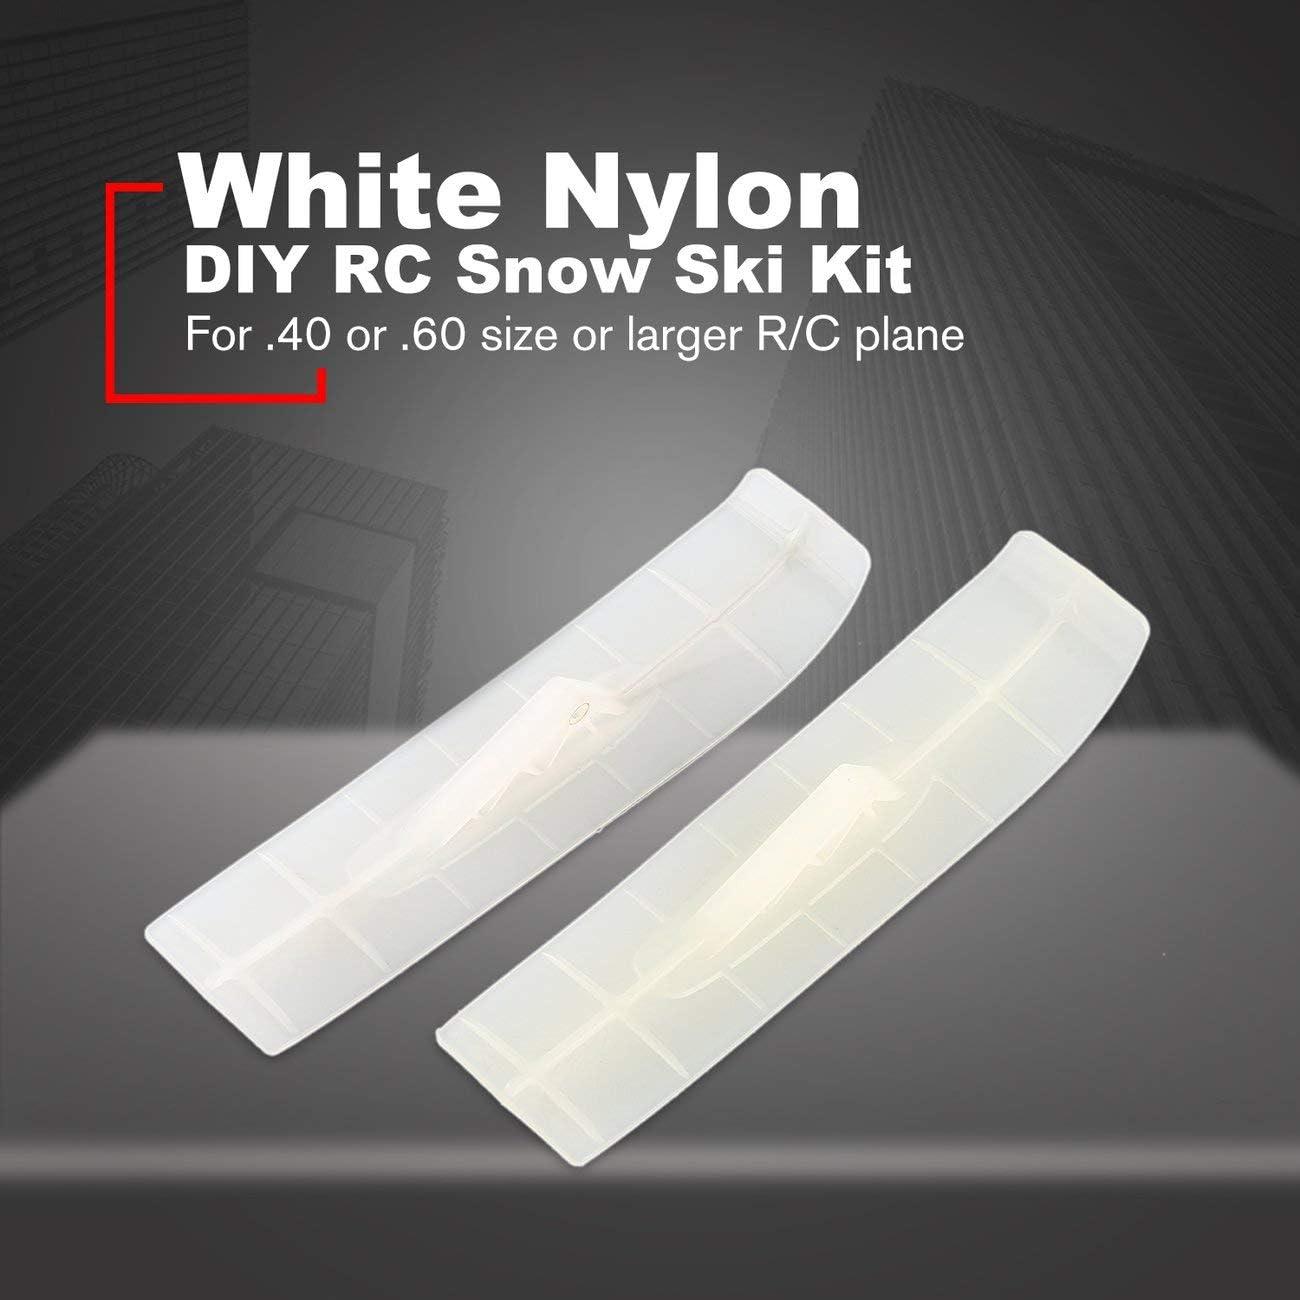 Fannty Nylon Rc Skateboard DIY Rc Schnee Ski Kit Kompatibel f/ür .40 oder .60 /& Gr/ö/ße Gr/ö/ßere R//C Flugzeug